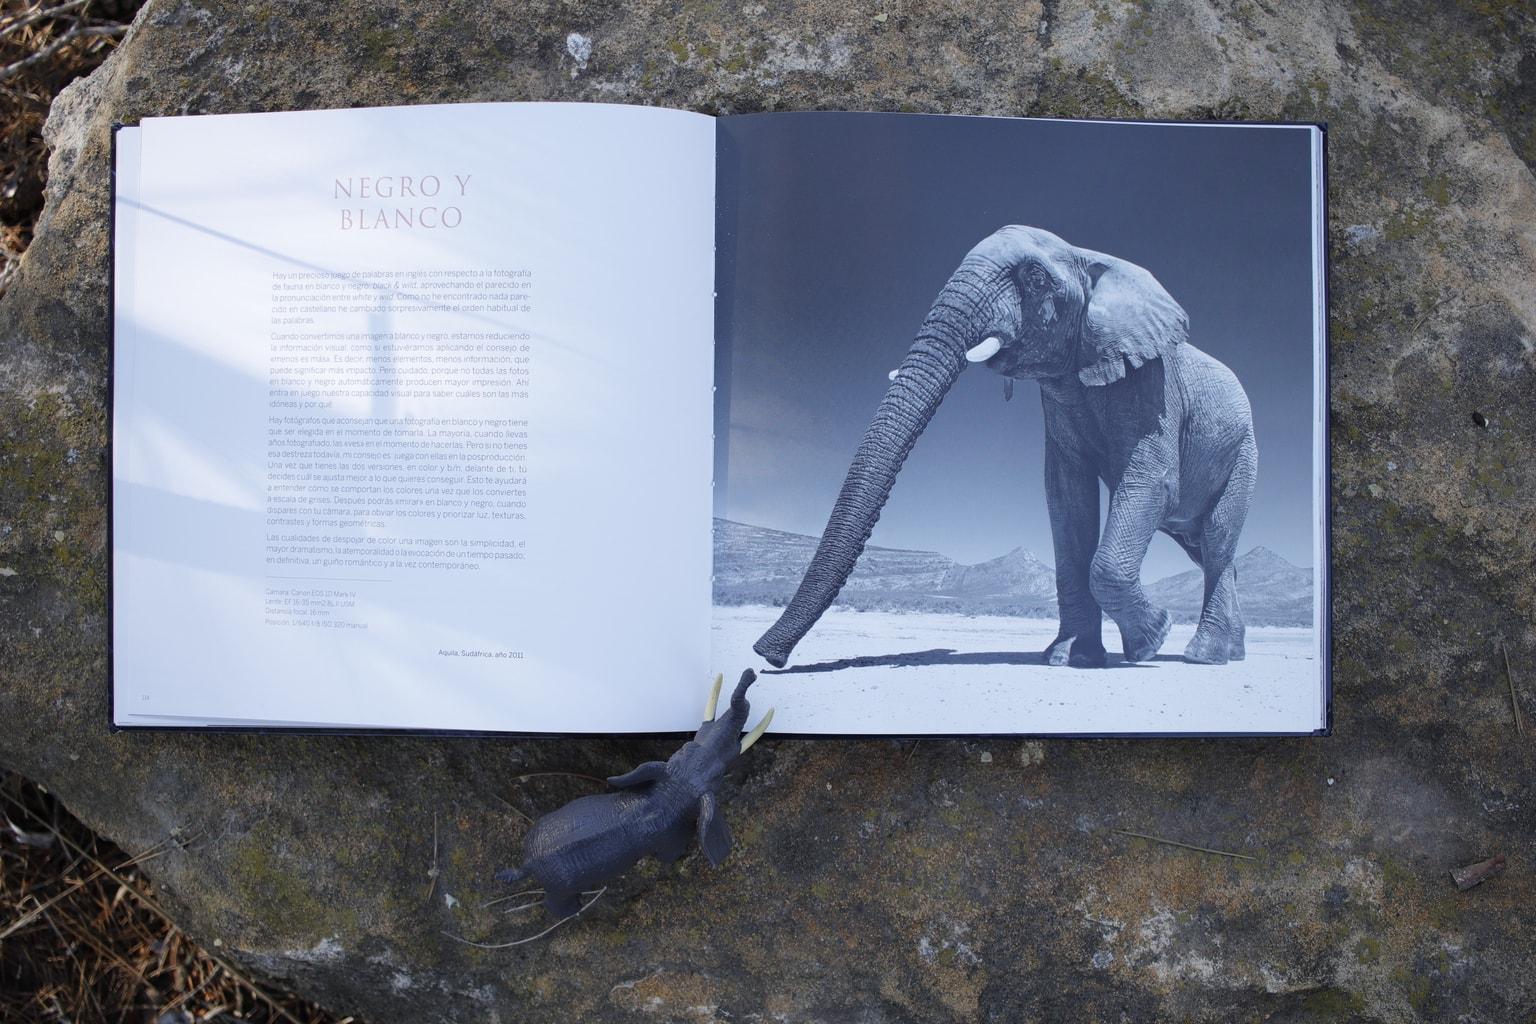 Negro y blanco Libro Inspiración + Naturaleza